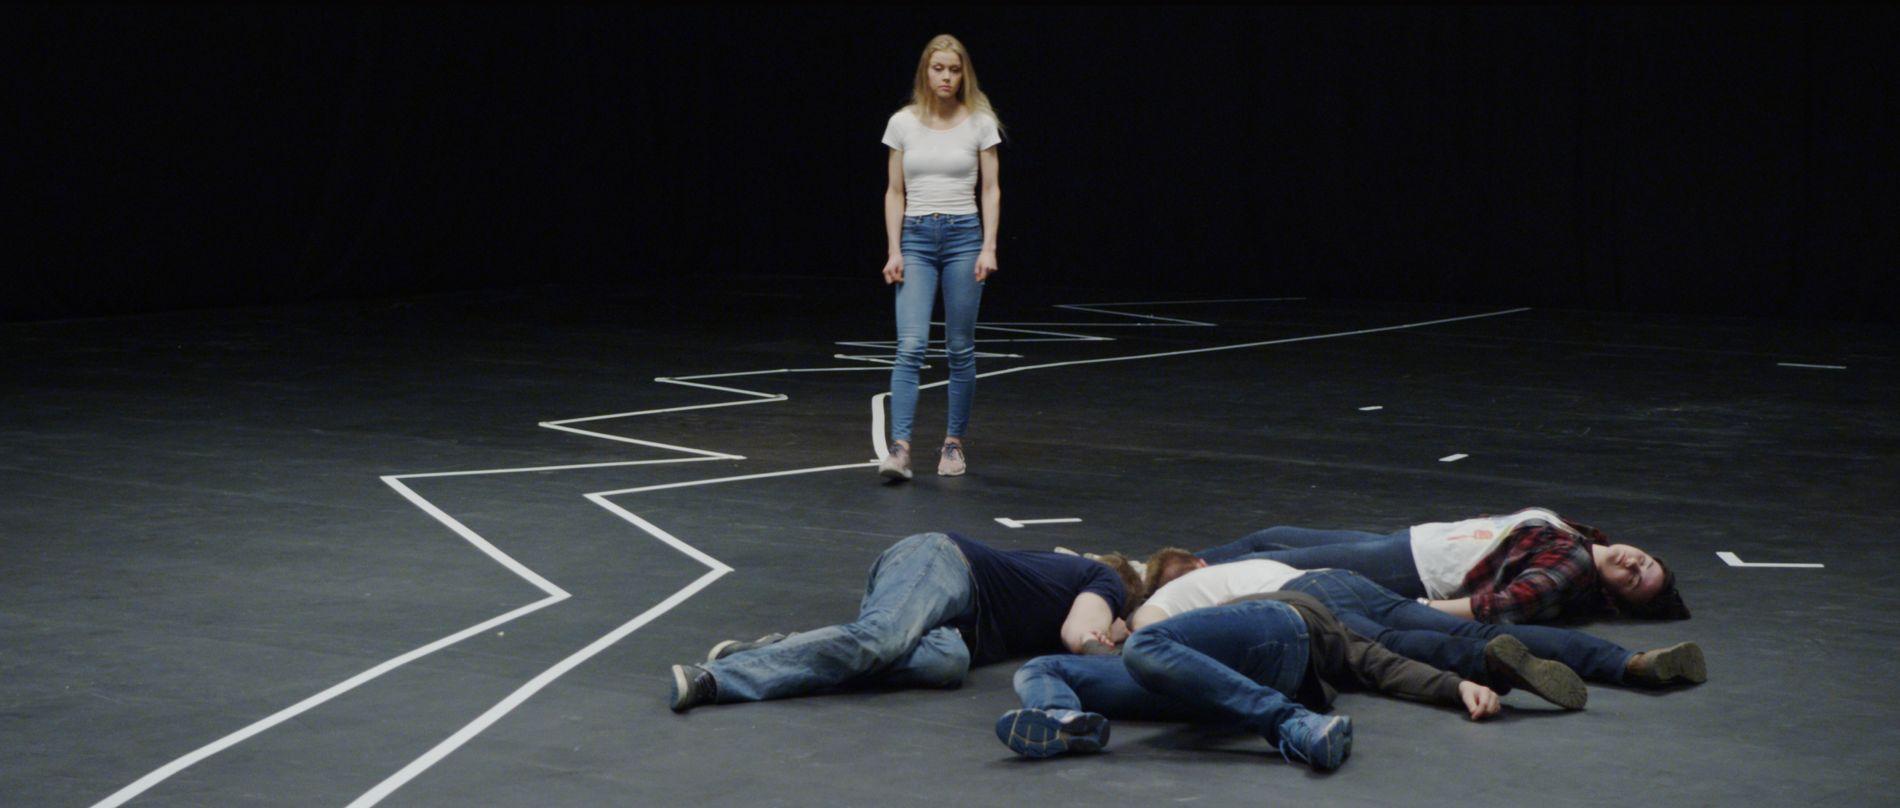 RAKELS HISTORIE: Filmen kan være empatifremmende, og bidra til å justere oppfatningen om mot og menneskelig atferd under ekstrem trussel, skriver Frode Bjerkestrand.